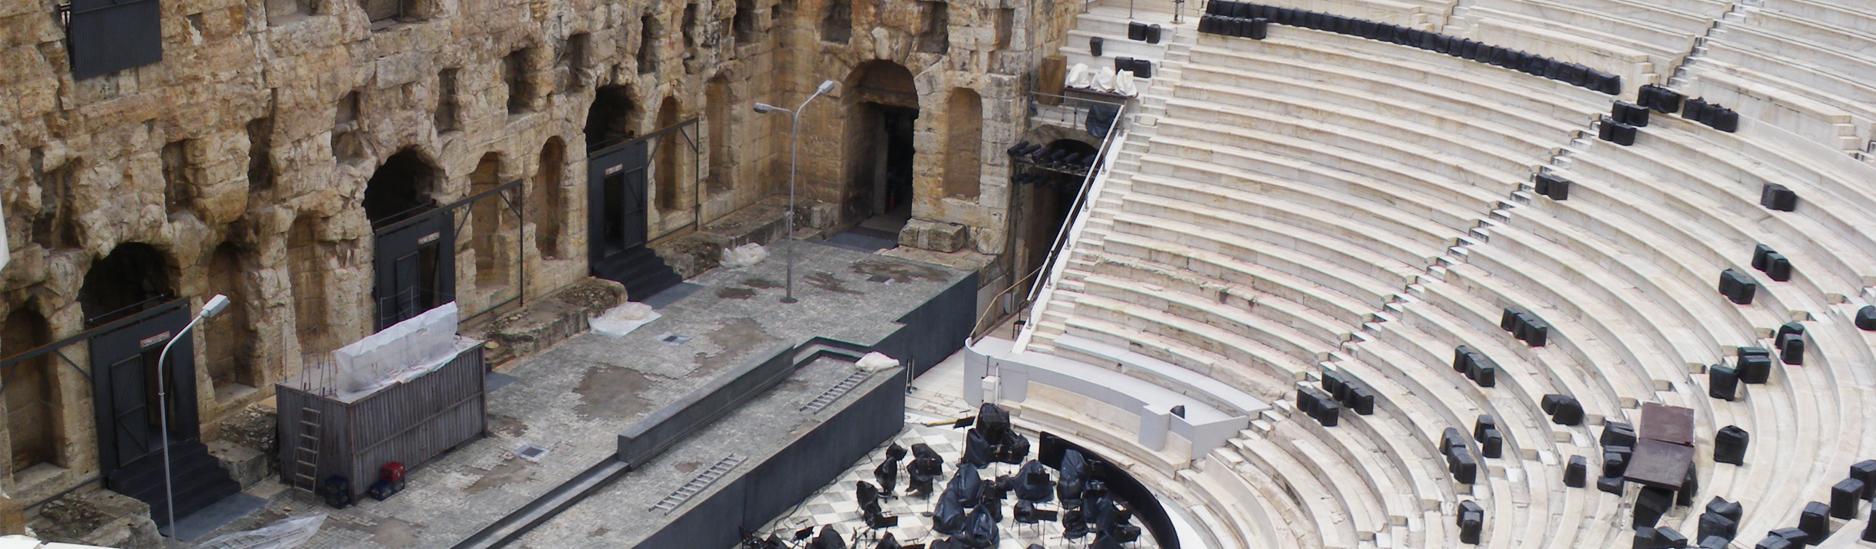 Théâtre antique grec.